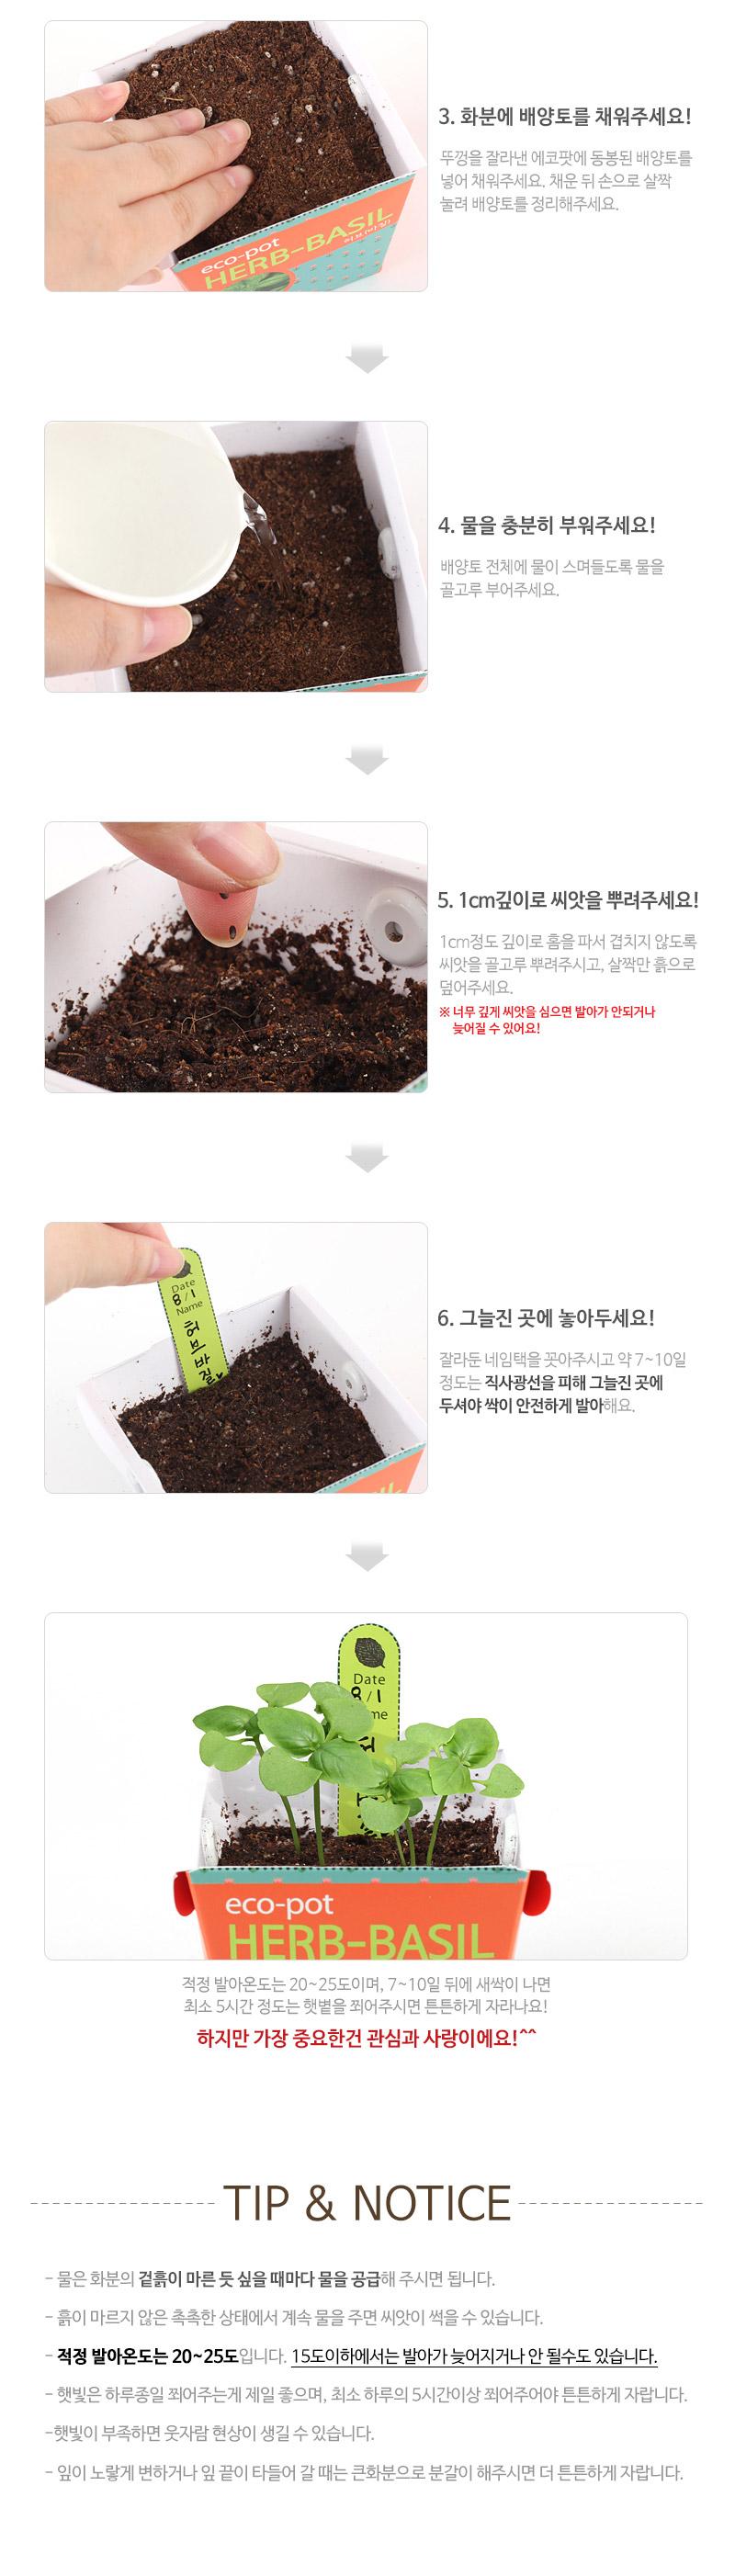 에코팟-방울토마토 - 꿈쟁이플라워캔, 3,000원, 새싹/모종키우기, 새싹 키우기